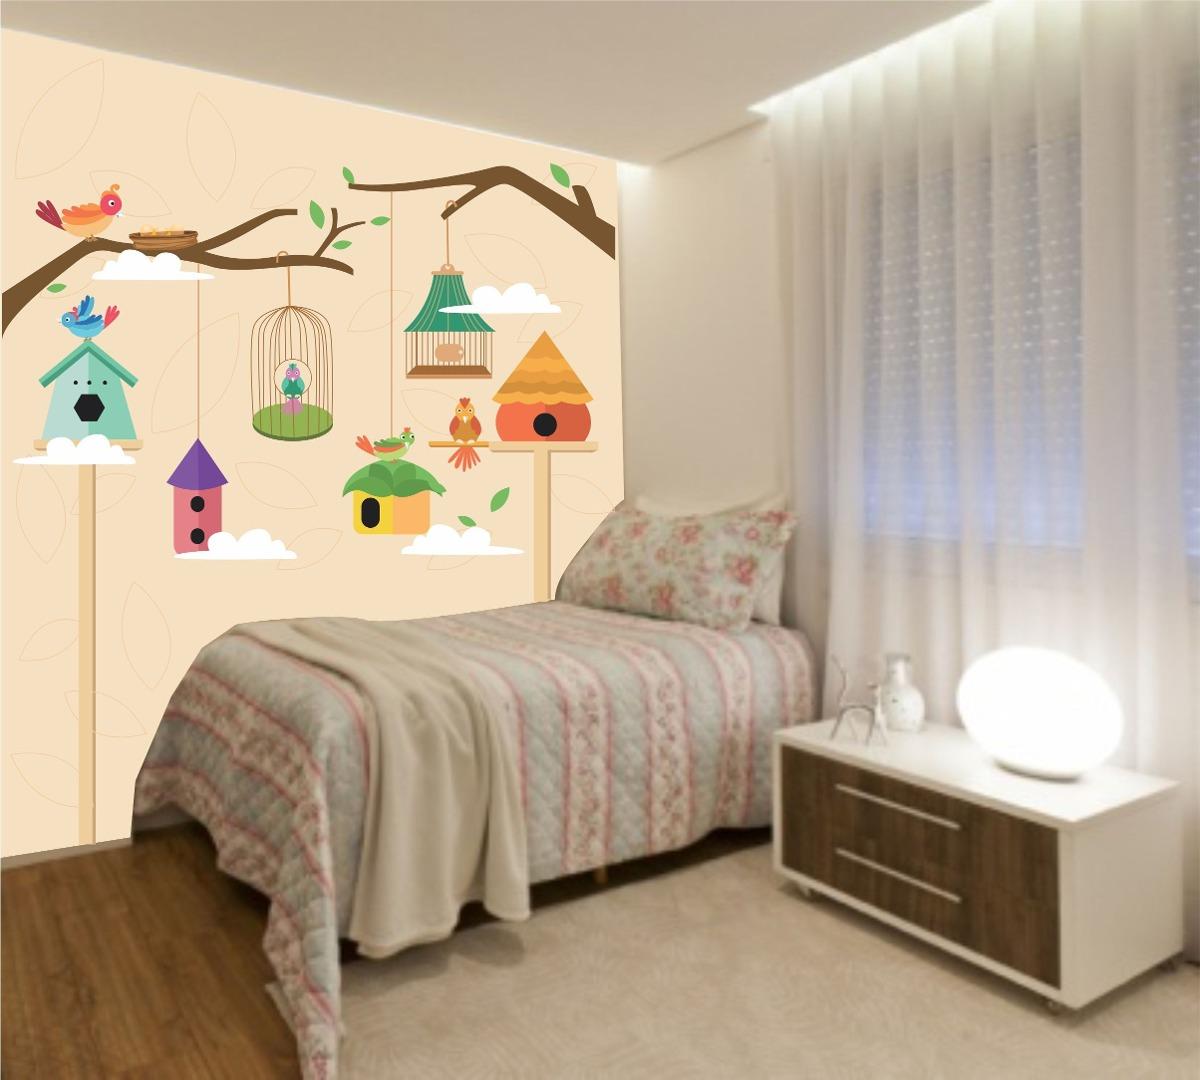 Papel de parede quarto bebe infantil gaiolas passarinho - Papel infantil para paredes ...